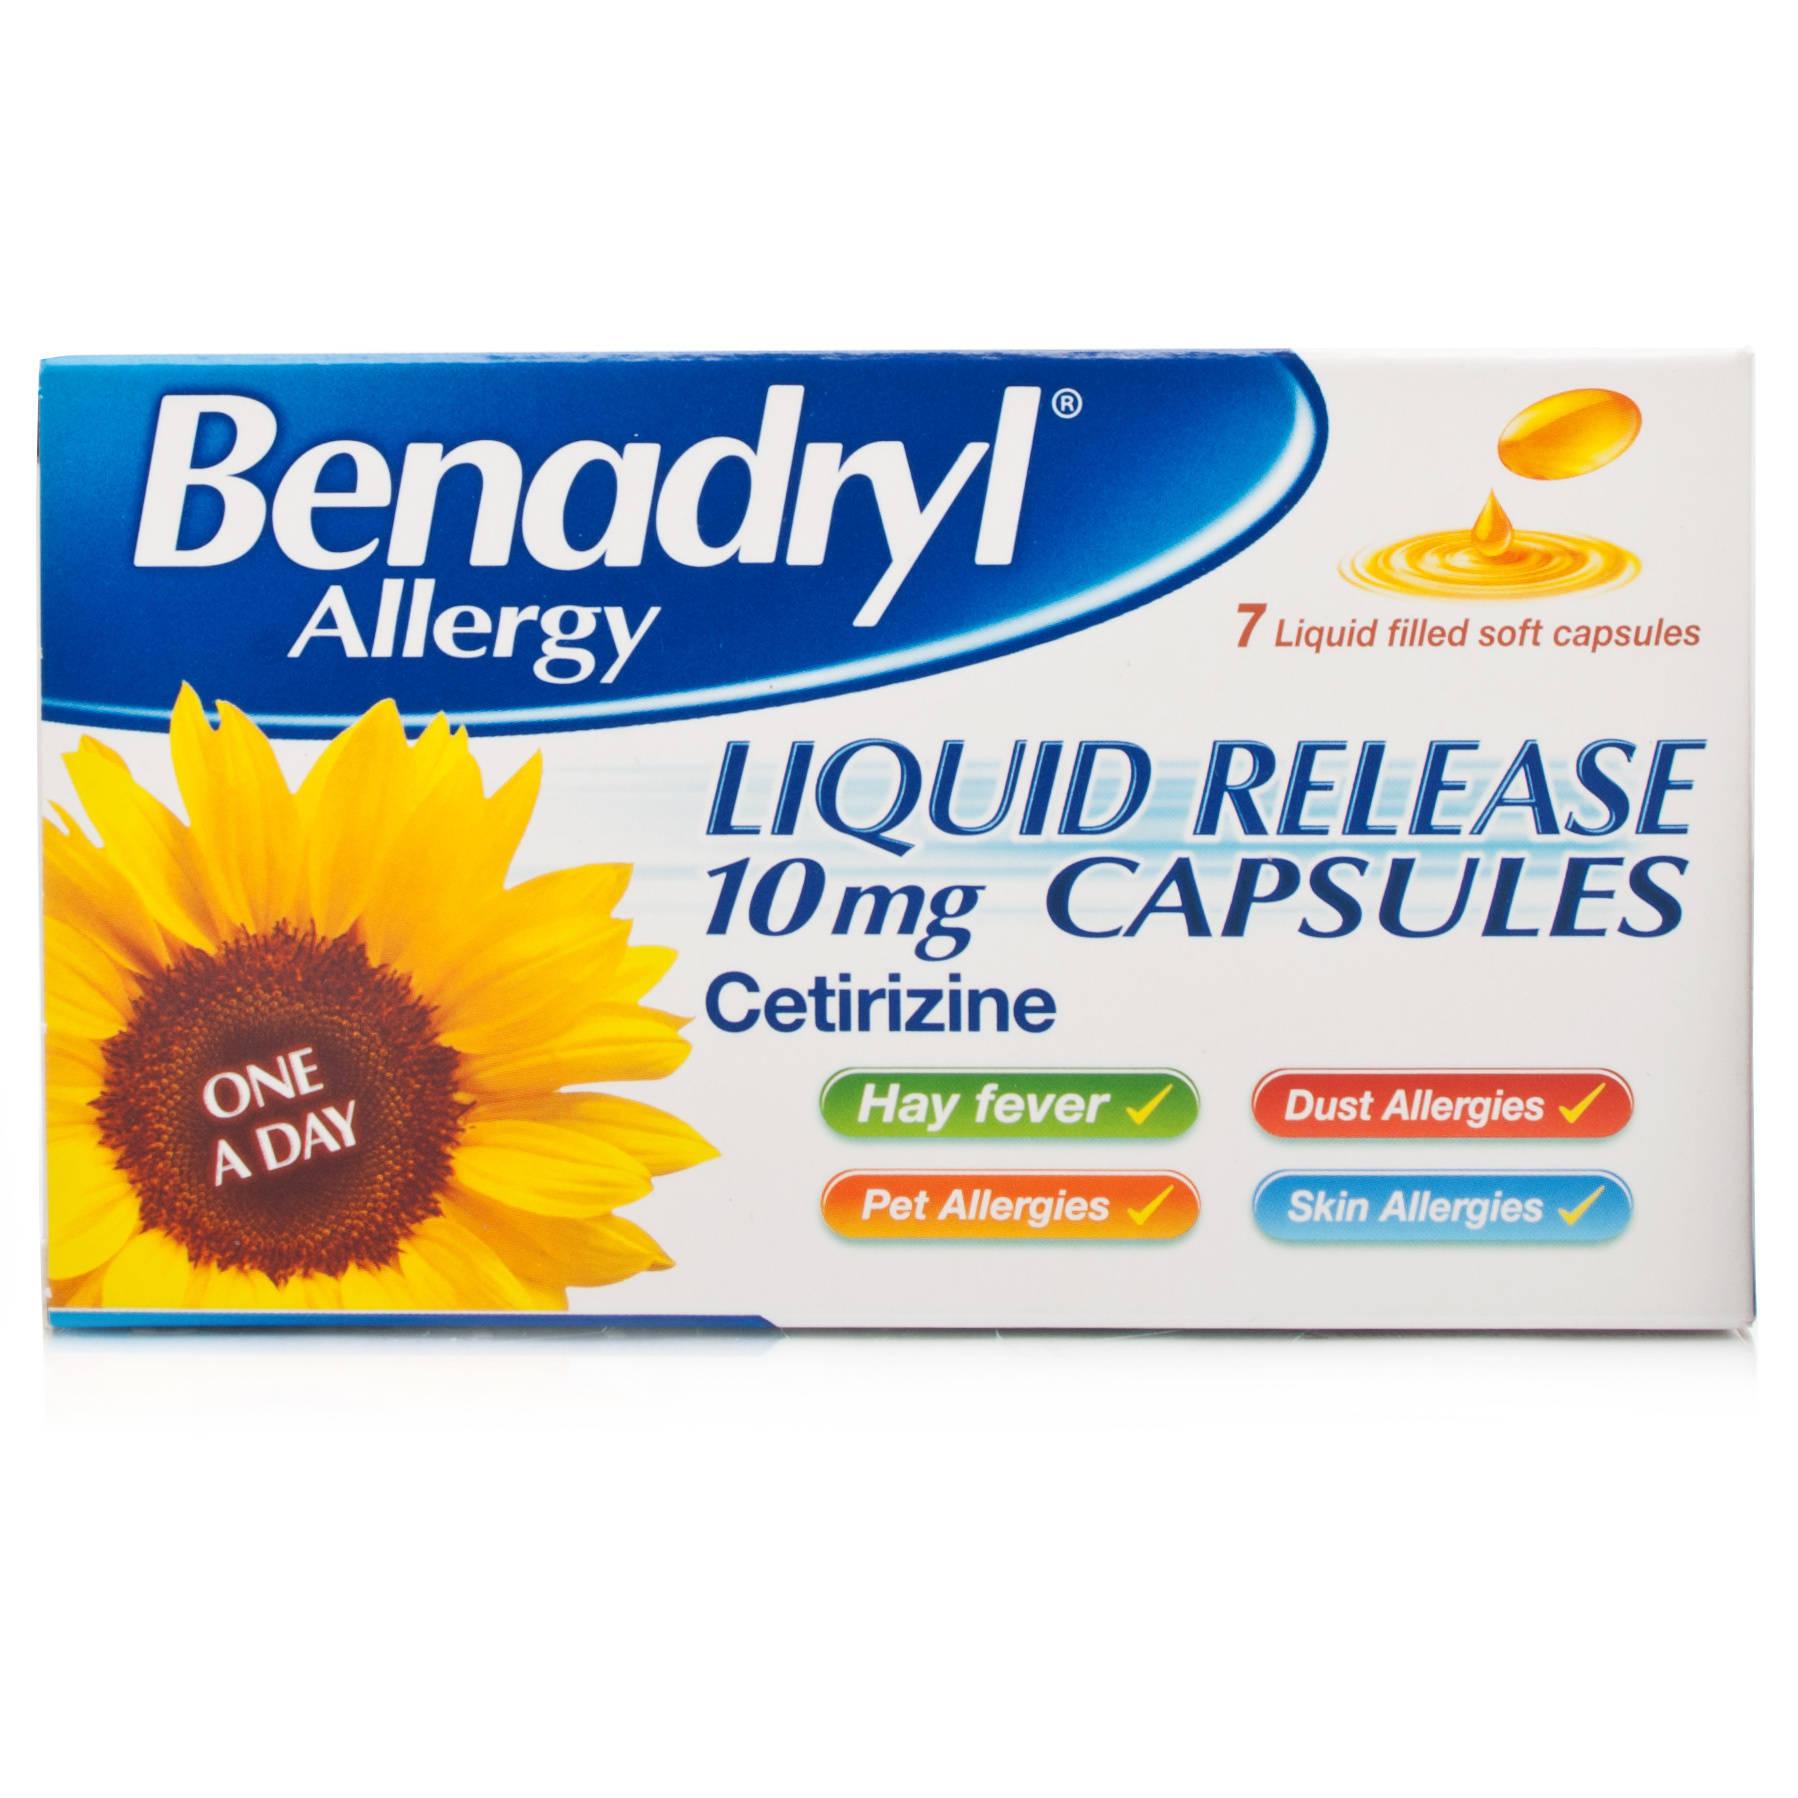 Hay fever active ingredients